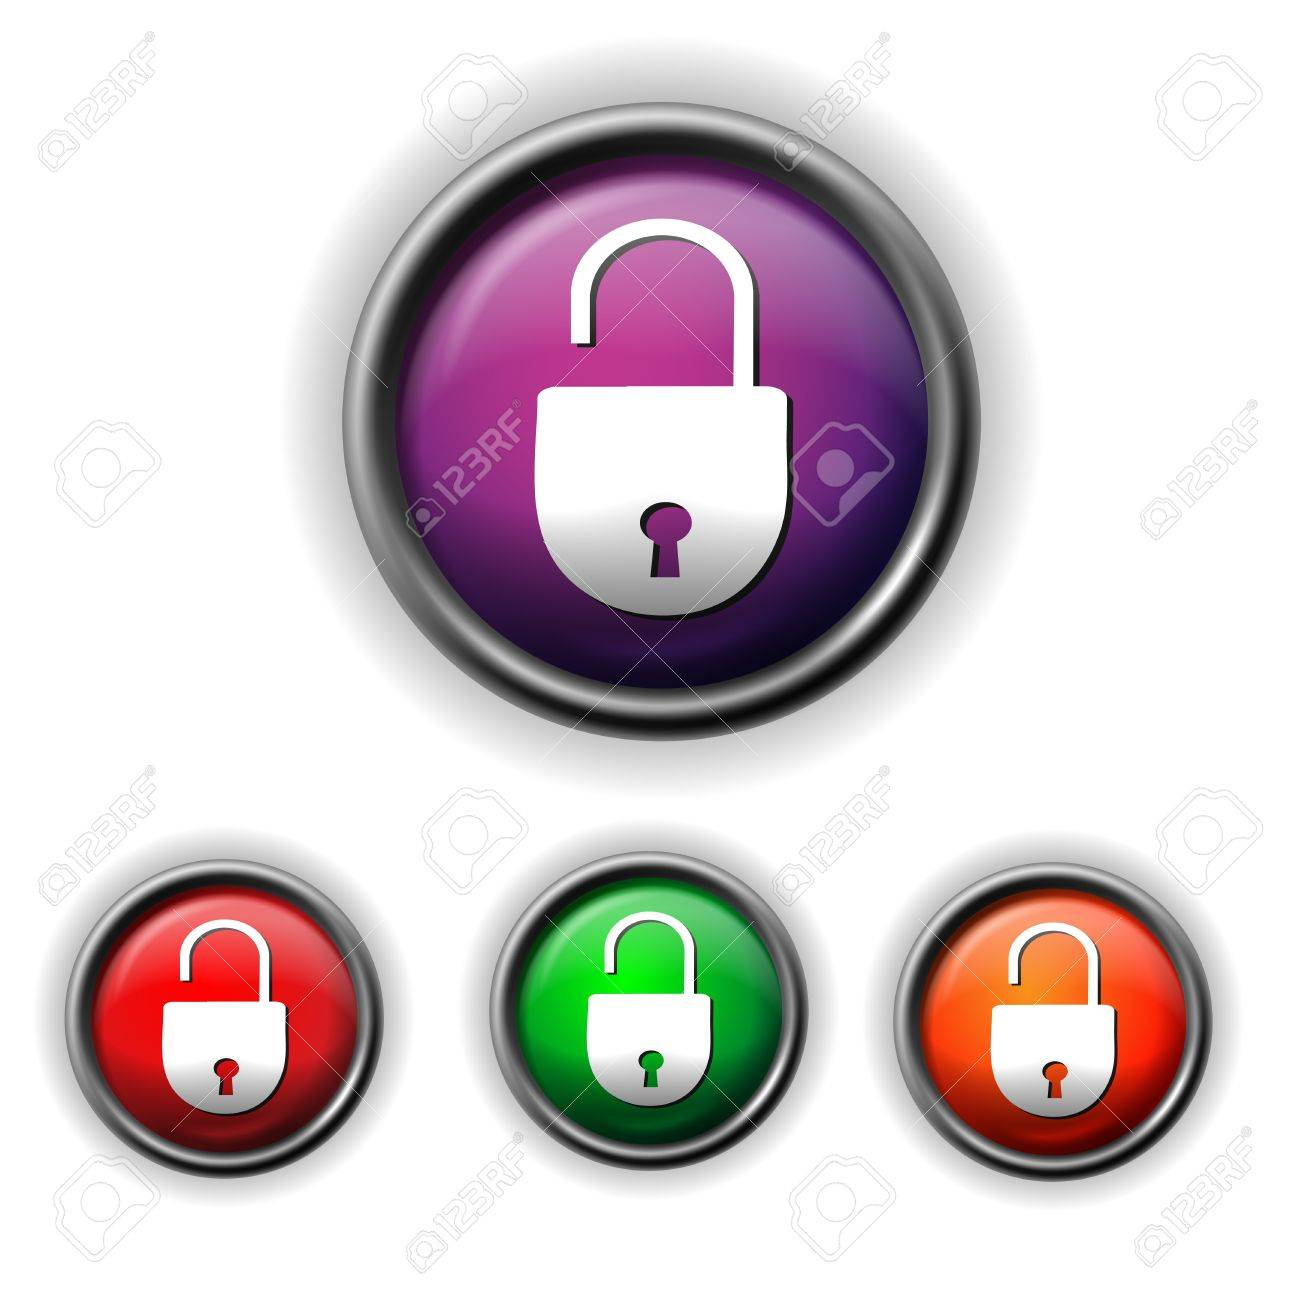 open lock icon Stock Vector - 17778776